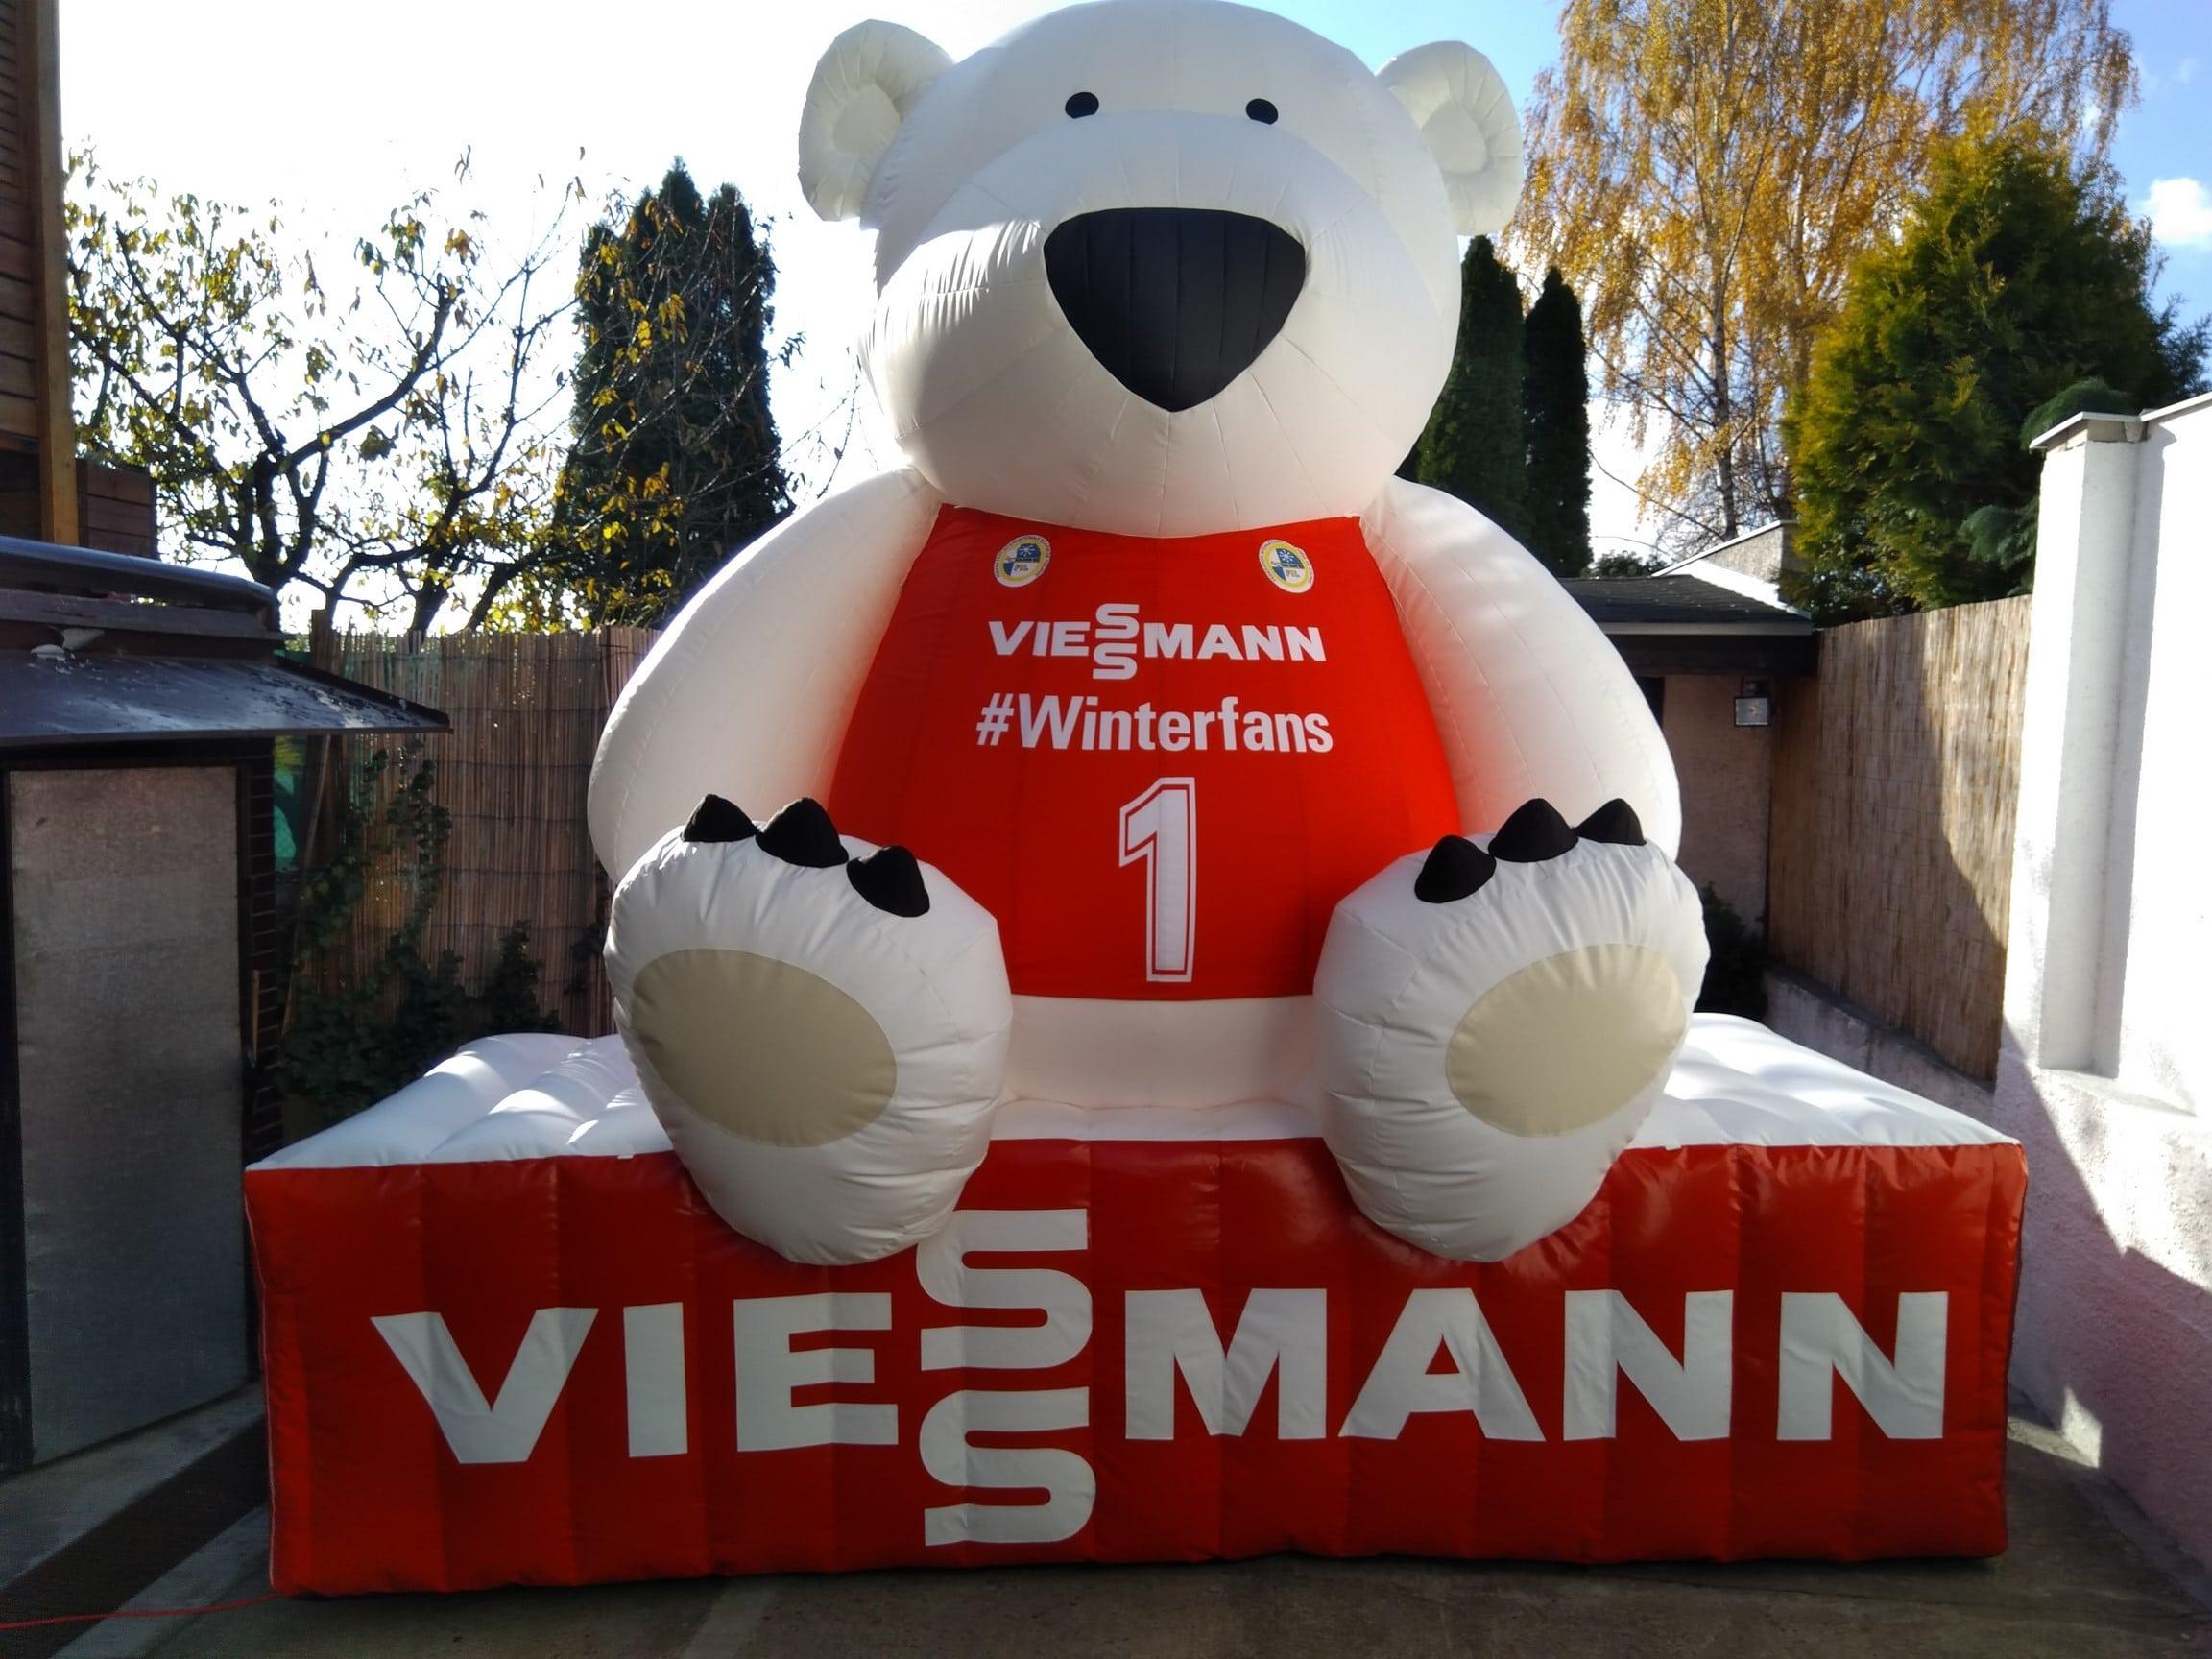 Eisbär für Viessmann